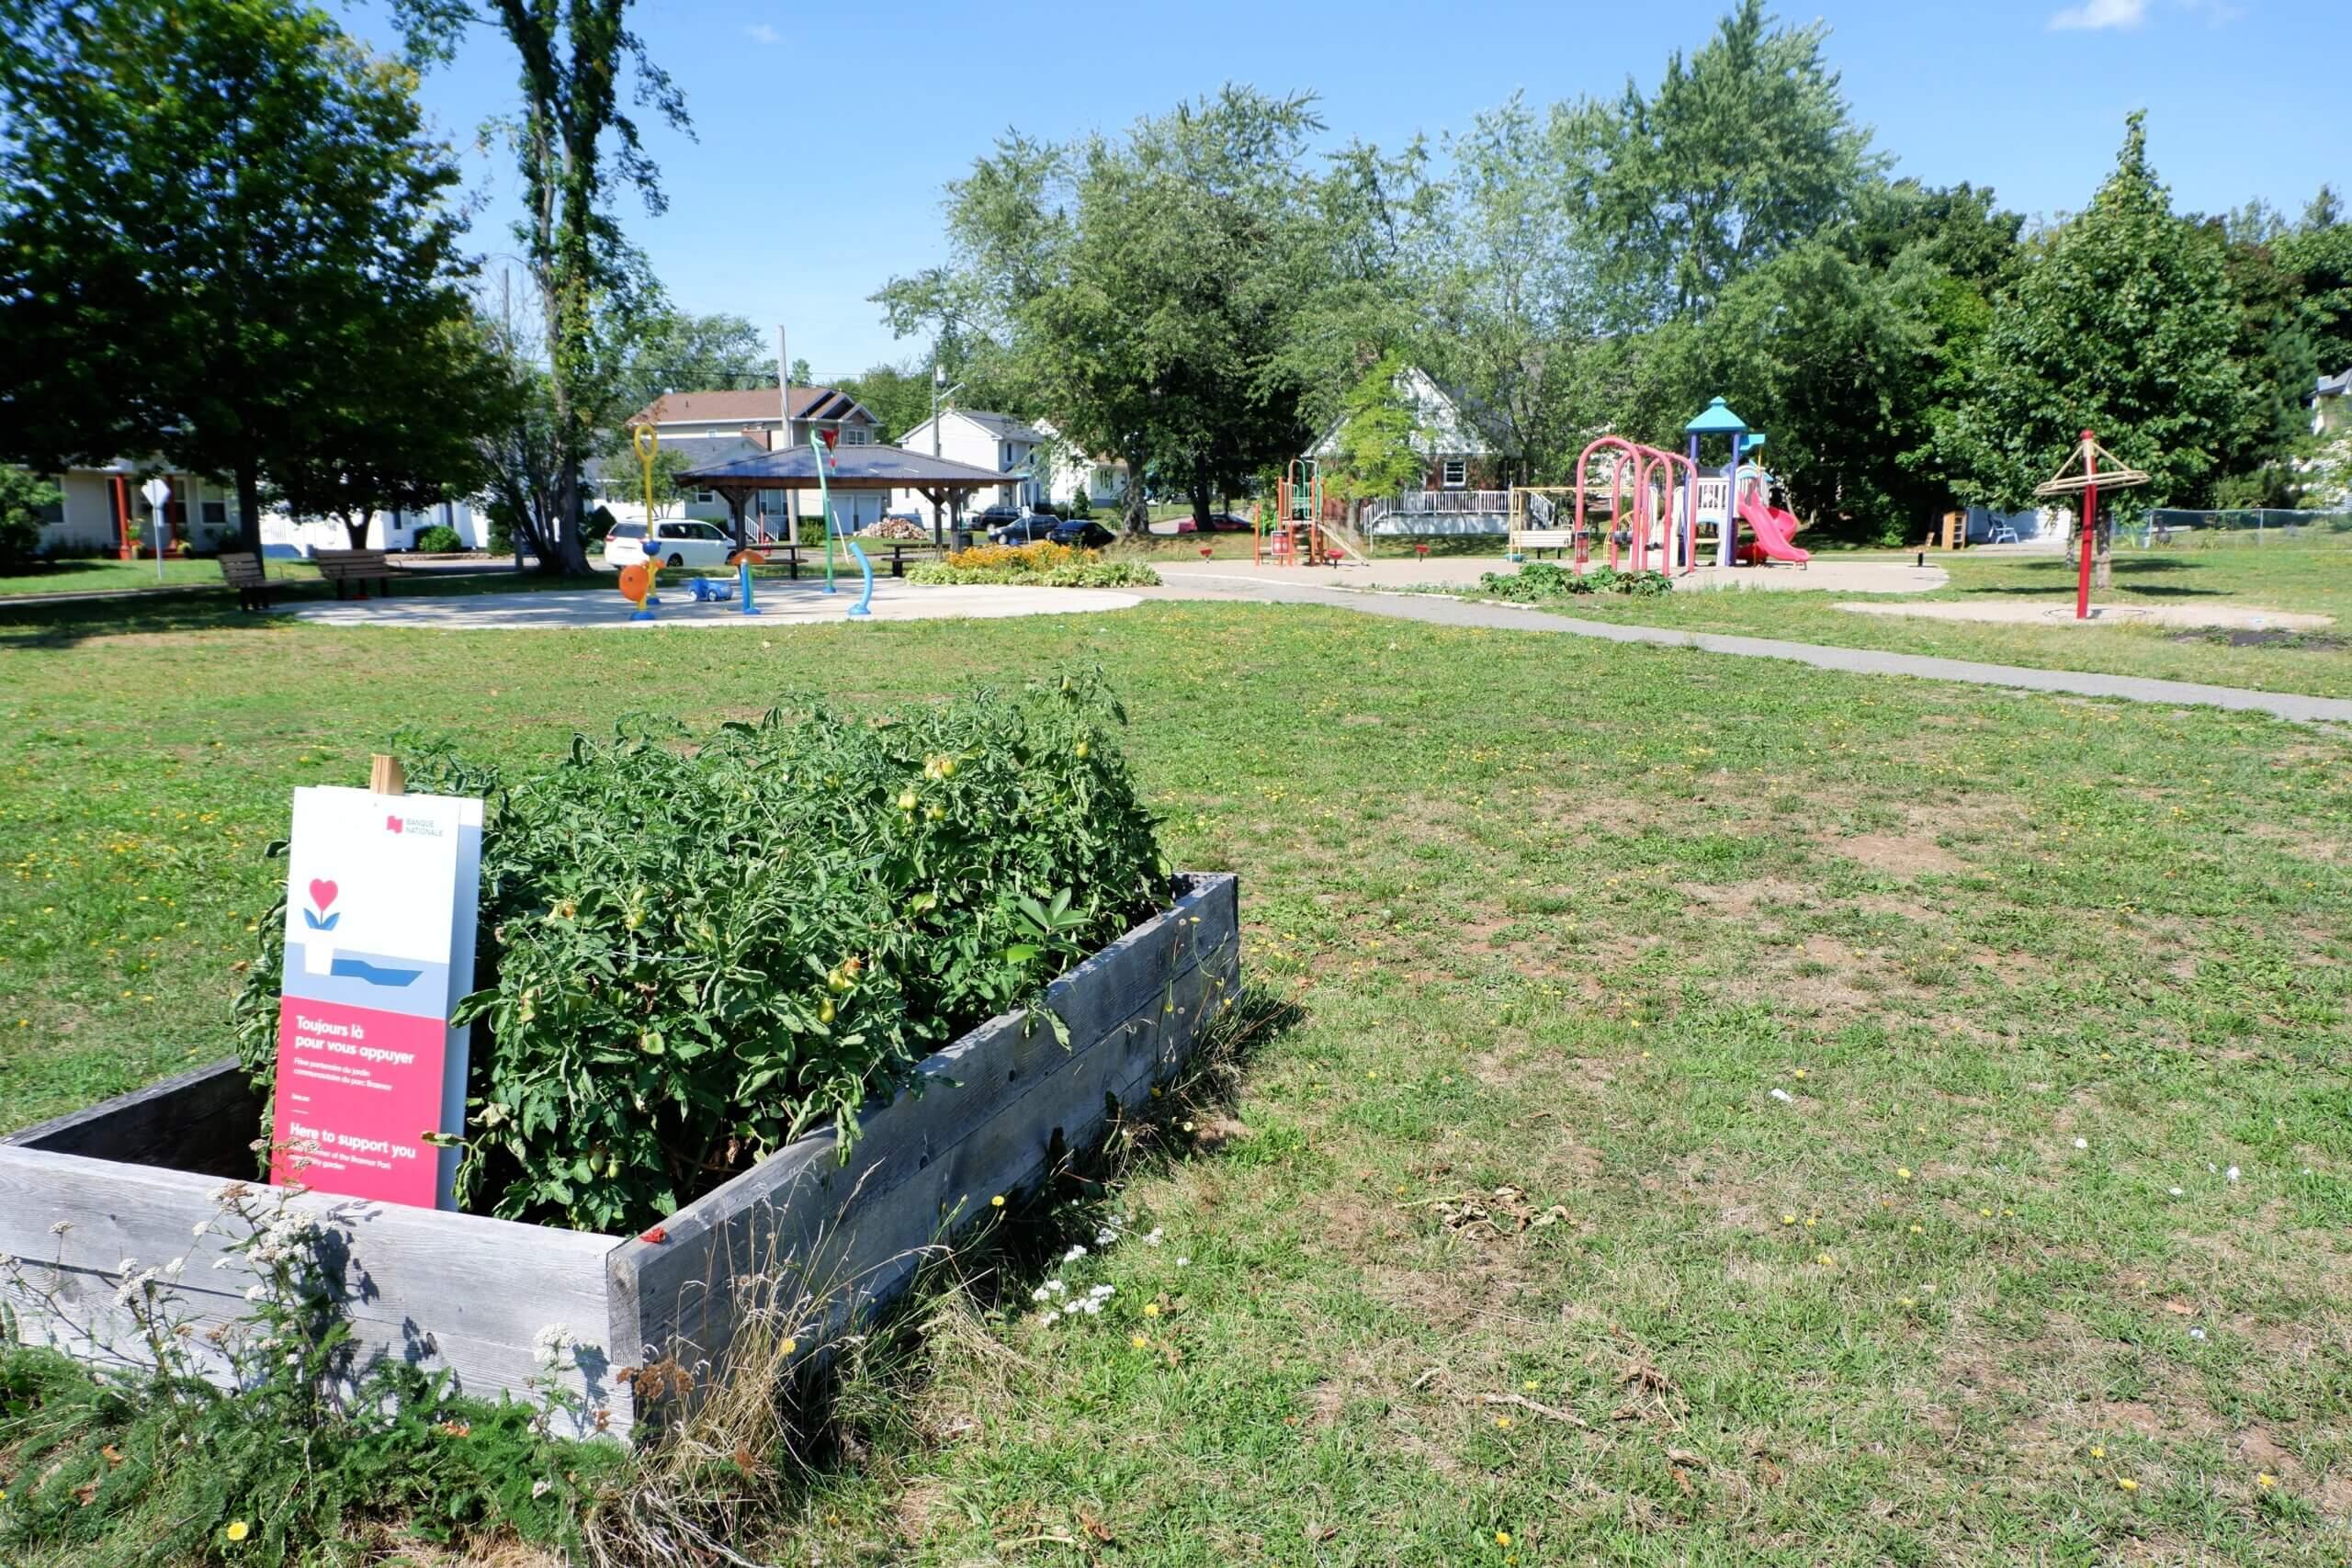 Braemar Park Centre Street Playground Moncton Pickle Planet community garden